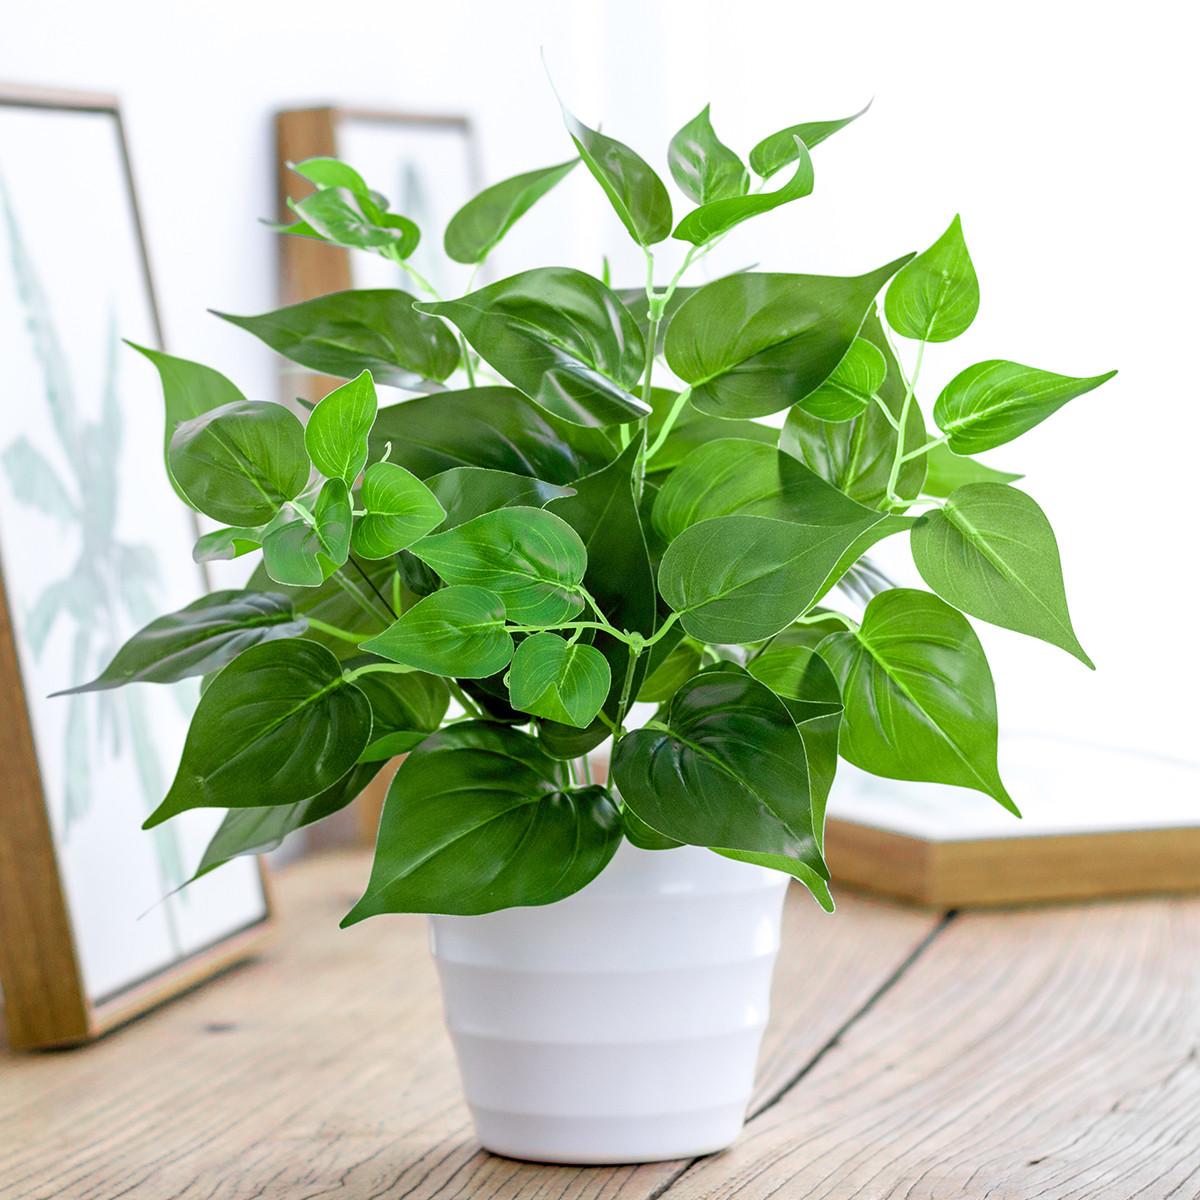 Mô phỏng củ cải xanh trồng trong nhà mô phỏng cây nhựa nhỏ trong chậu trang trí cây xanh mô phỏng hoa giả cây củ cải xanh - Hoa nhân tạo / Cây / Trái cây